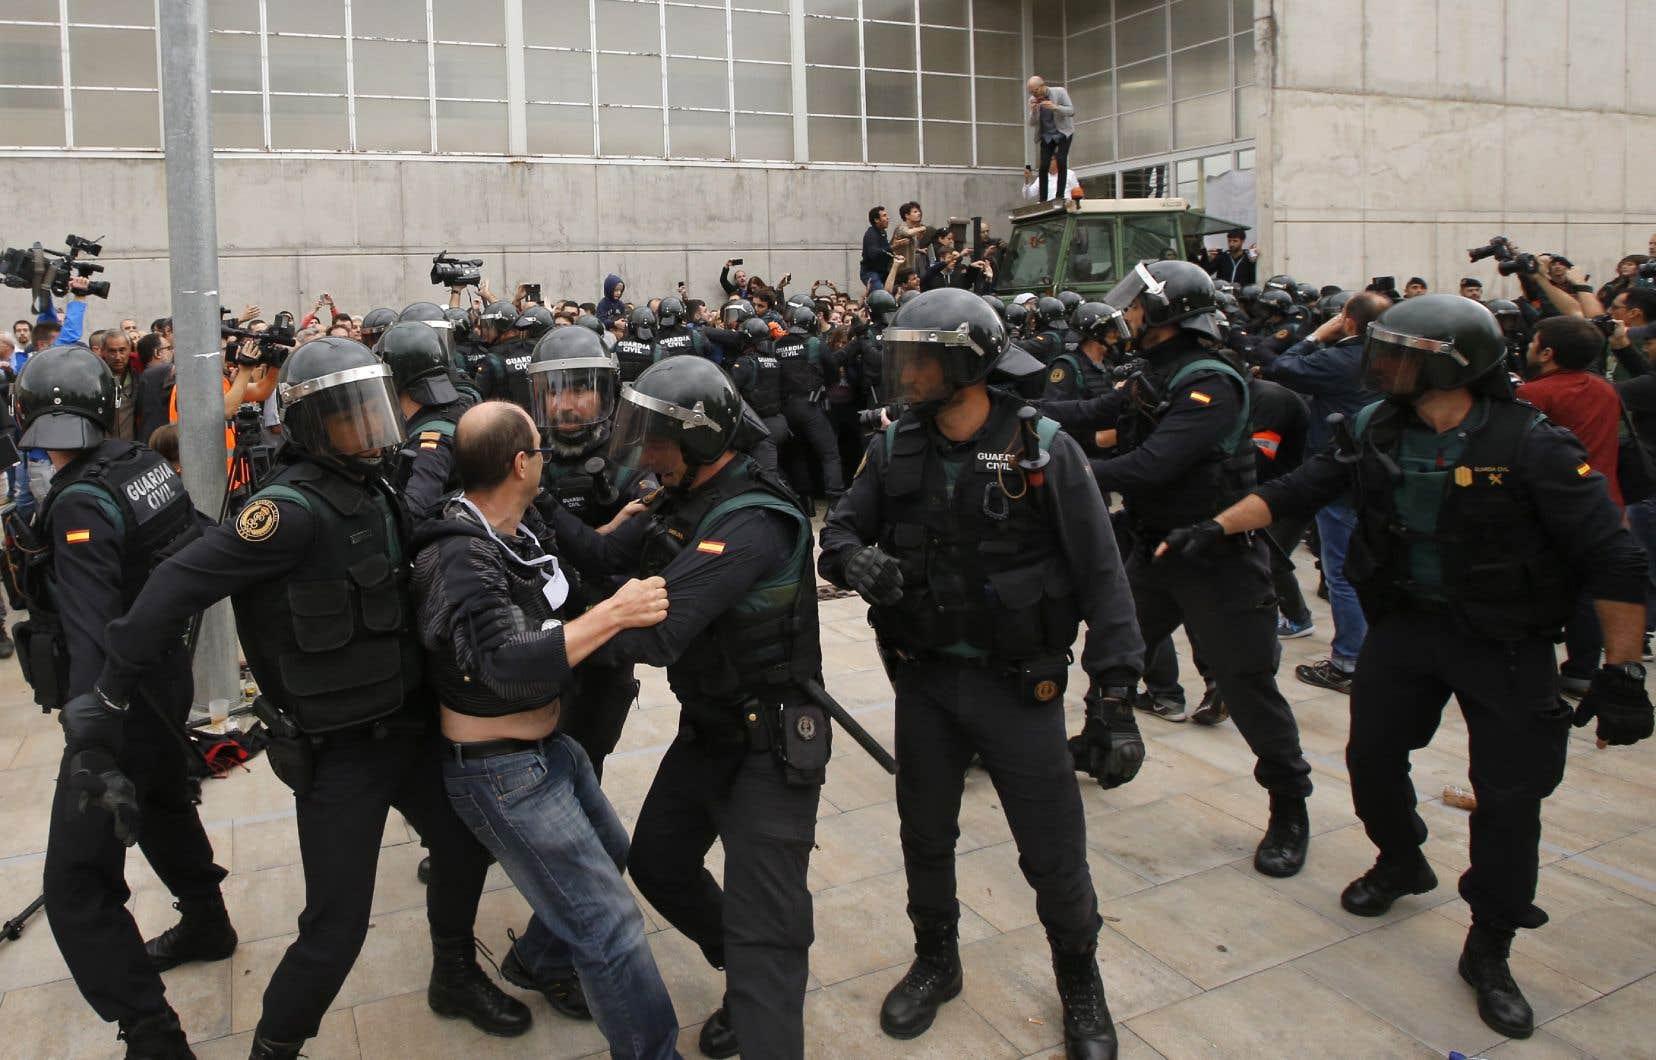 Pour certains militants, la crise entre Madrid et les indépendantistes catalans ne serait que la poursuite logique de la lutte et de la résistance des républicains catalans contre le régime de Franco, soulignent les auteurs.